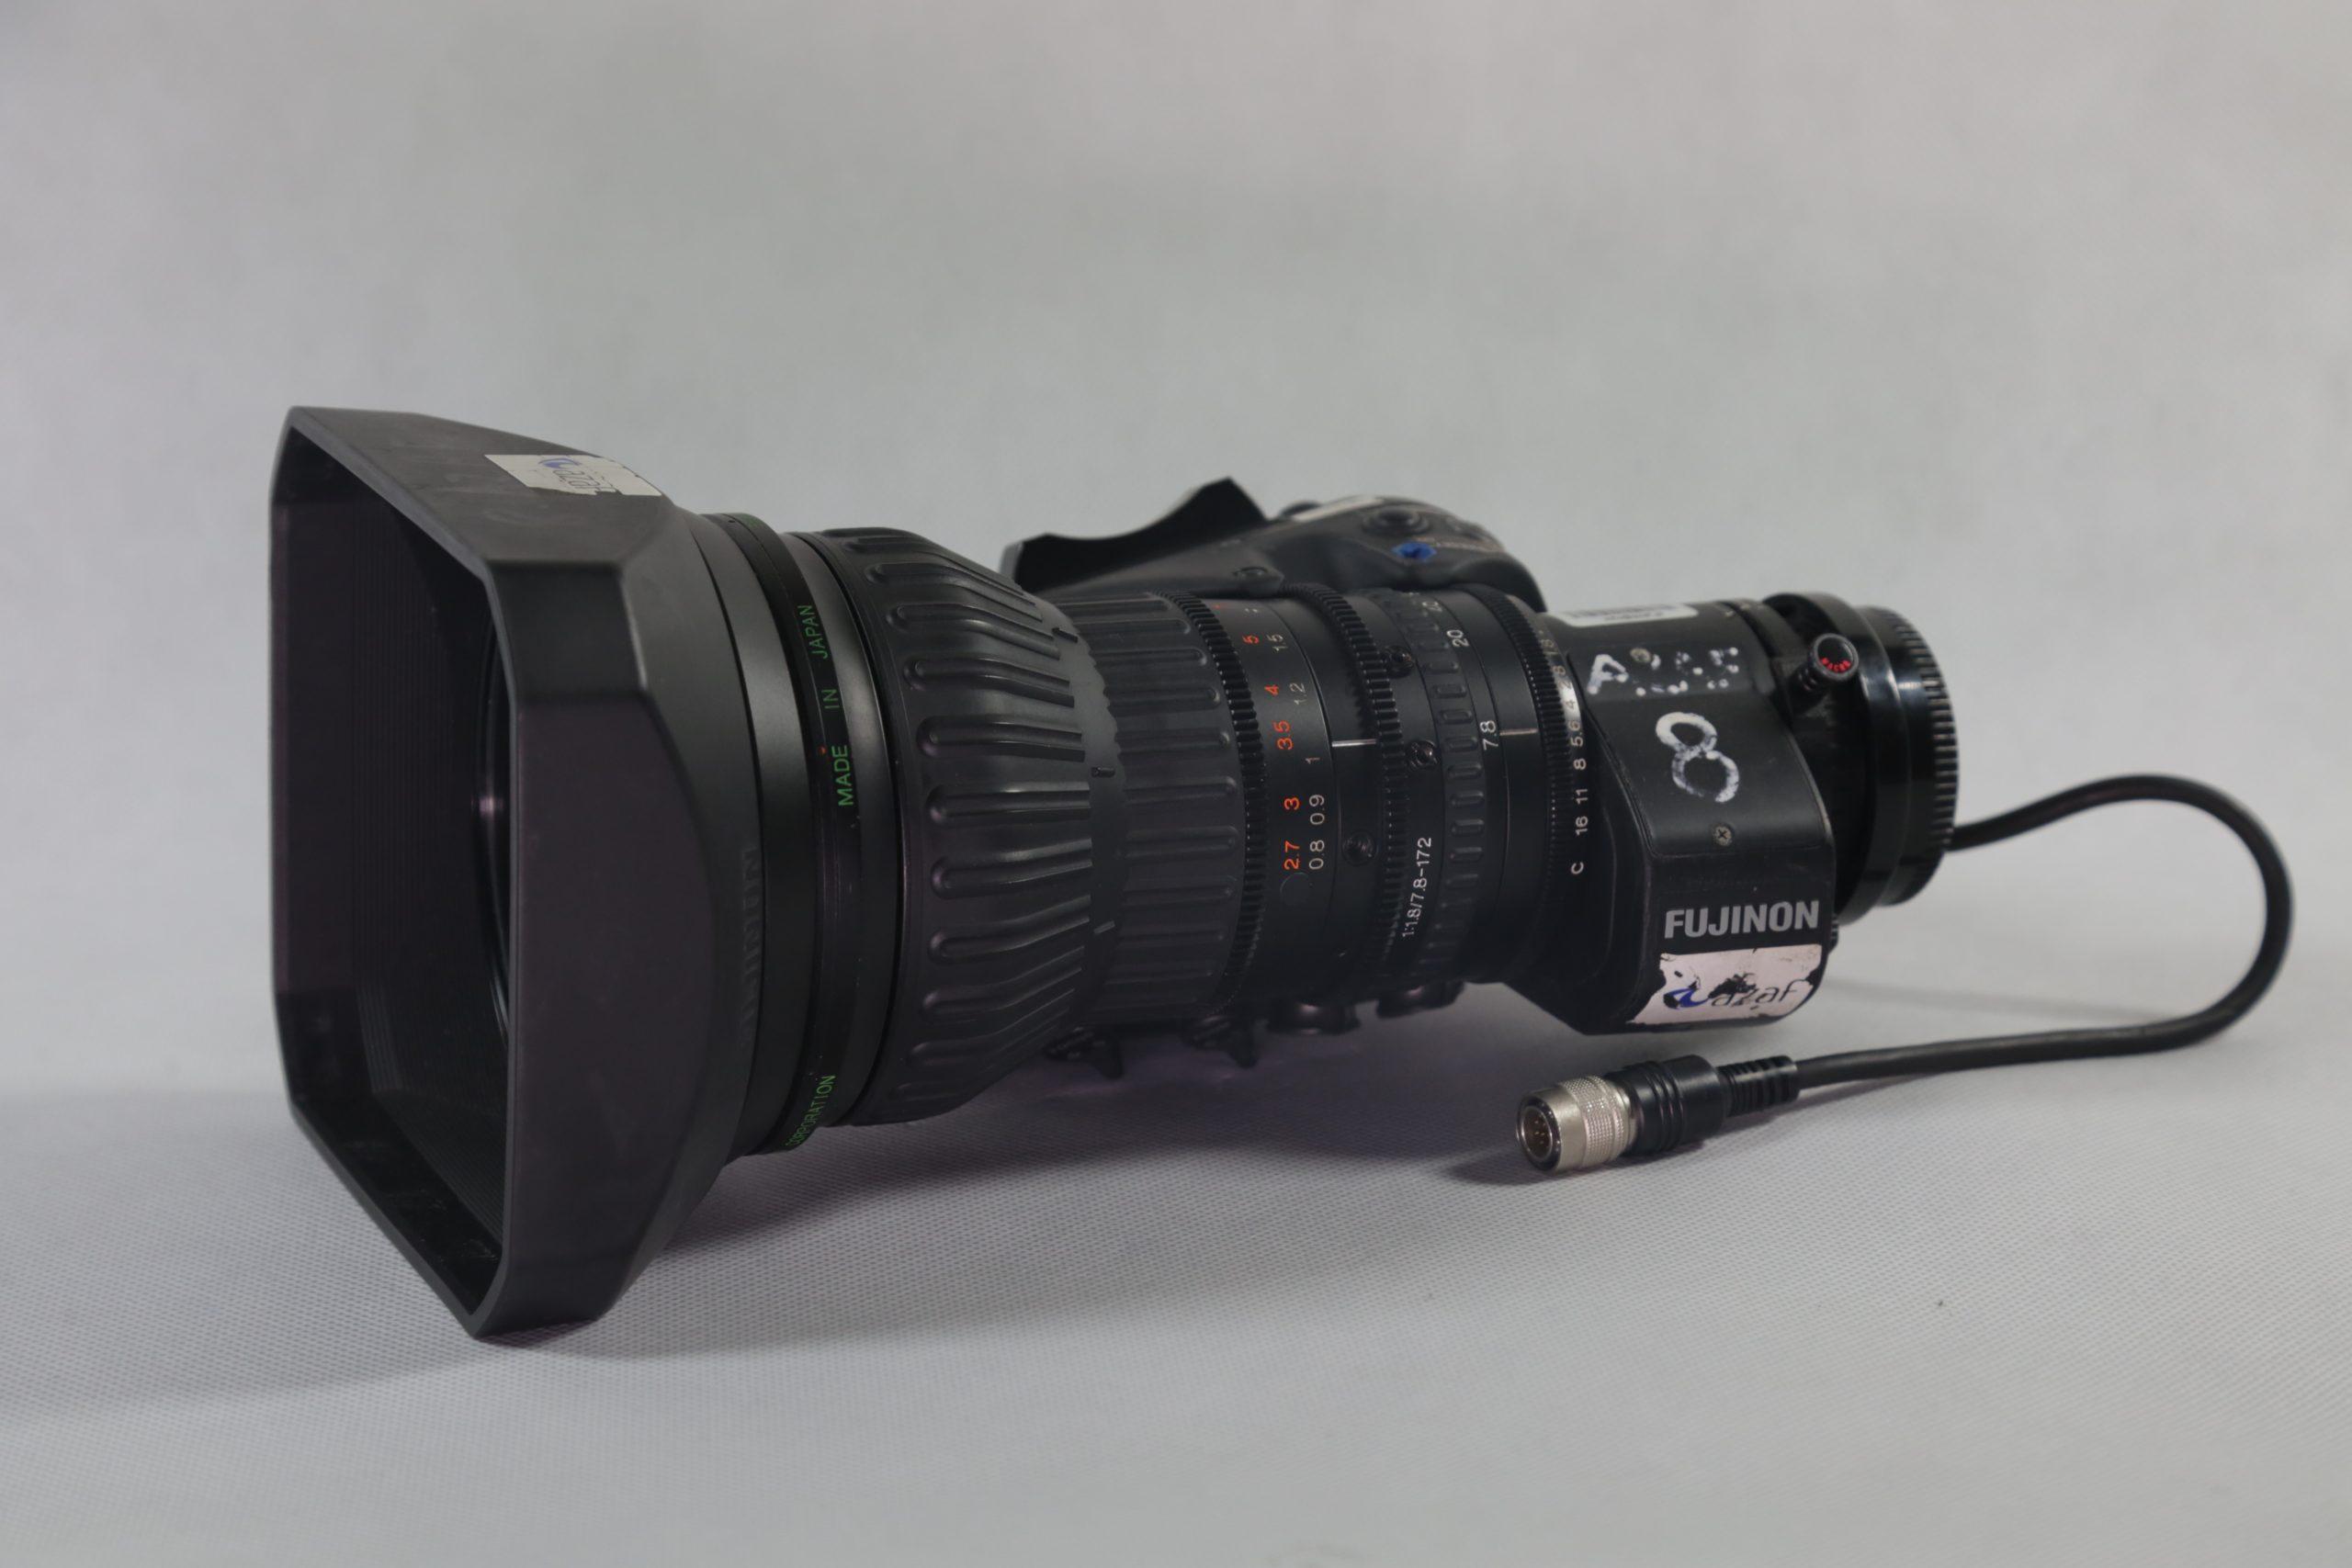 Fujinon A22x7.8 BERD - S48B